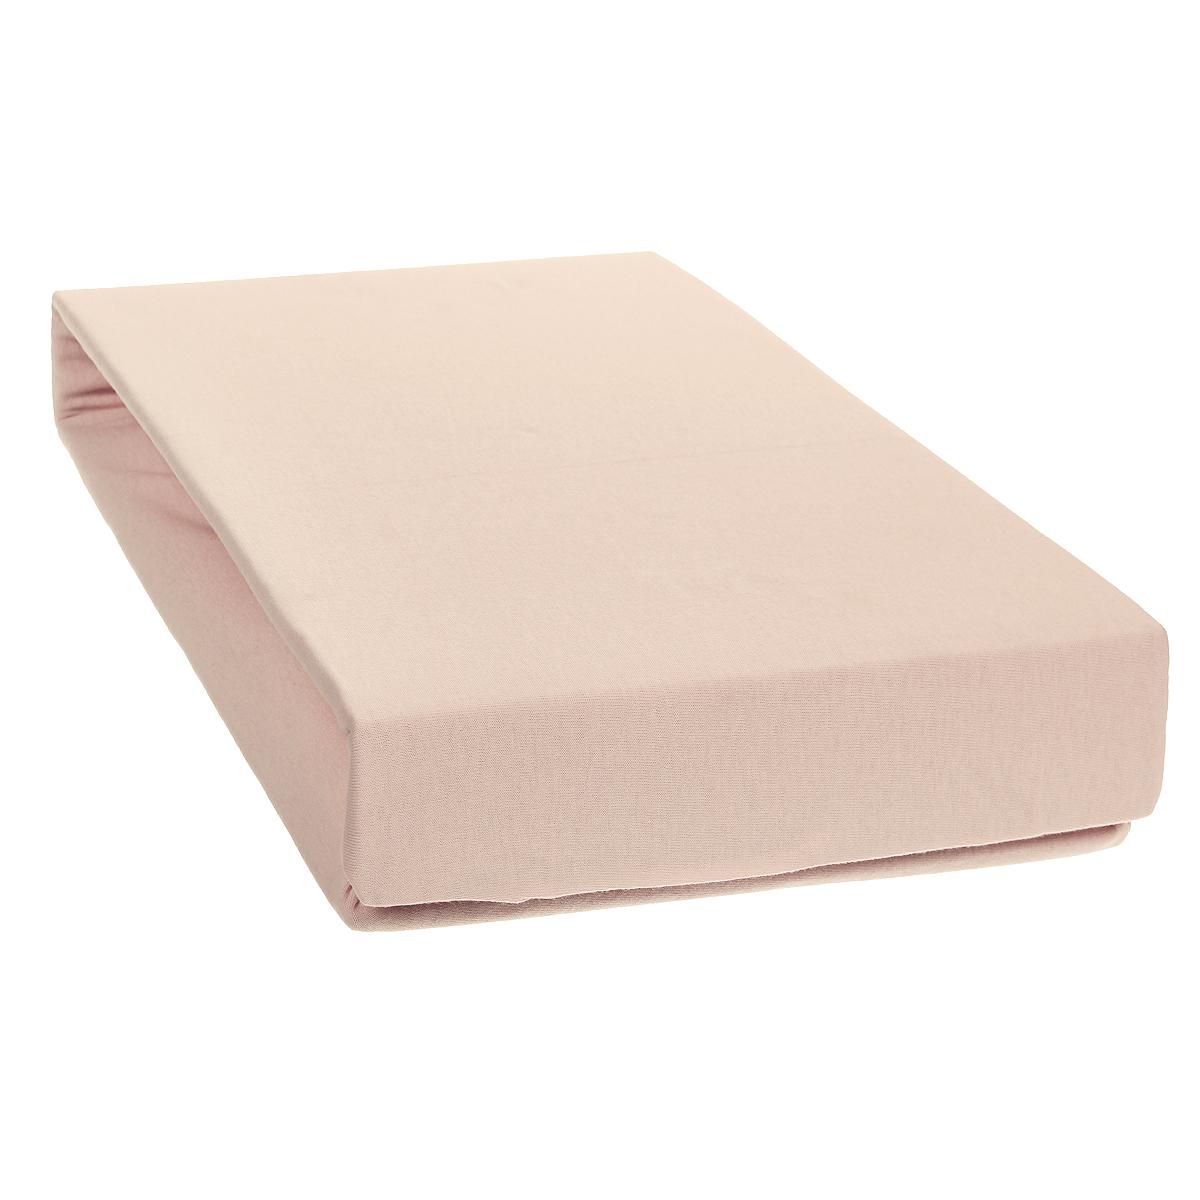 Простыня на резинке Tete-a-Tete, цвет: лотос, 160 см х 200 смТ-ПР-3009Однотонная трикотажная простыня на резинке Tete-a-Tete выполнена из натурального хлопка. Высочайшее качество материала гарантирует безопасность не только взрослых, но и самых маленьких членов семьи. Простыня гармонично впишется в интерьер вашего дома и создаст атмосферу уюта и комфорта. Особенности коллекции Tete-a-Tete: - выдерживает более 100 стирок практически без изменения внешнего вида, - модные цвета и стойкие оттенки, - минимальная усадка, - надежные резинки и износостойкая ткань, - безупречное качество, - гиппоаллергенно. Коллекция Tete-a-Tete специально создана для практичных людей, которые ценят качество и долговечность вещей, окружают своих близких теплотой и заботой.